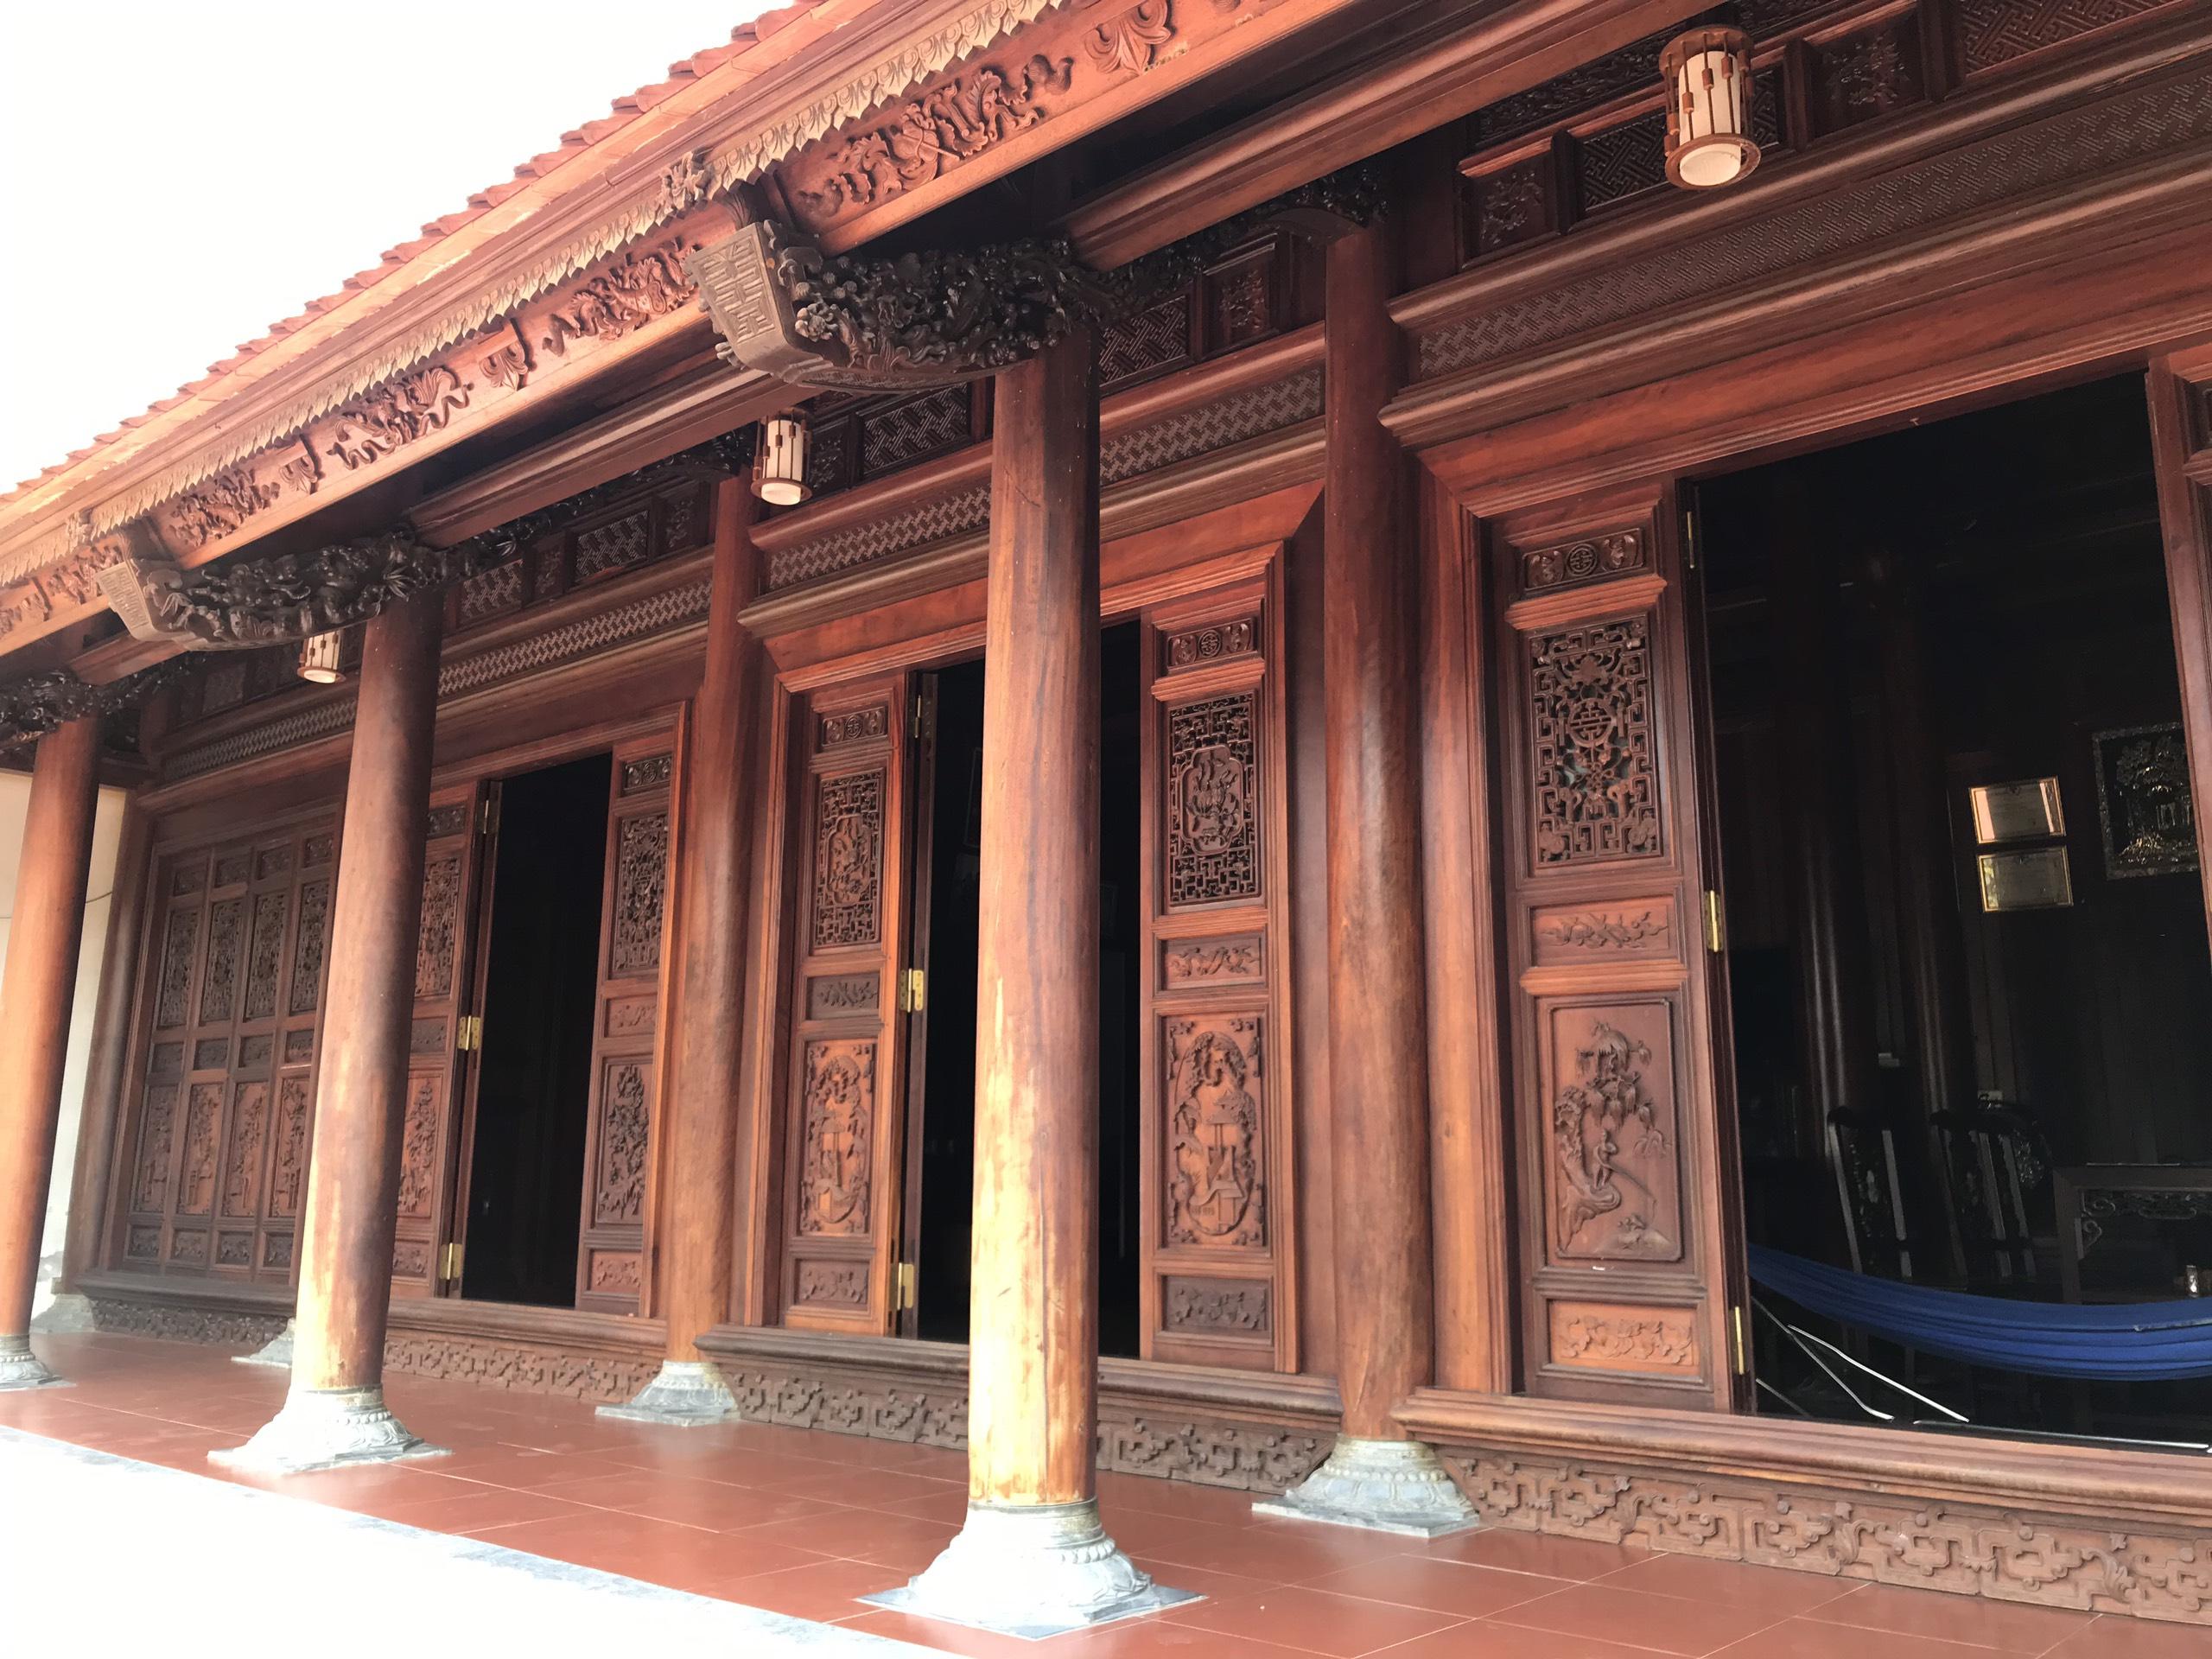 nha go lim 2 - Nhà Gỗ Lim - Nhận Thiết Kế & Thi Công